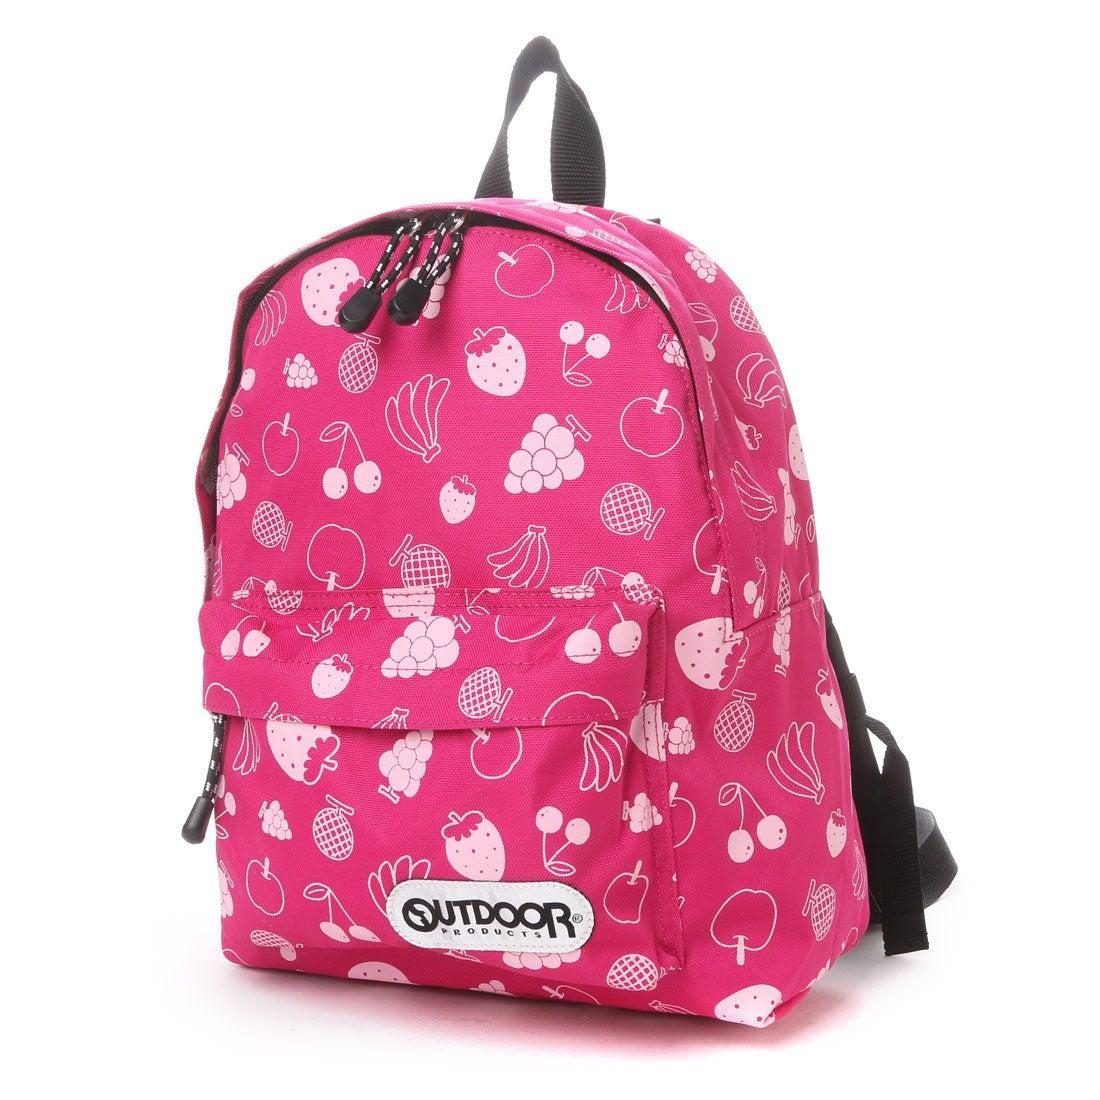 アウトドアプロダクツ OUTDOOR PRODUCTS ジュニアバッグ キッズチアフルデイパック 12439289 ピンク (パッションピンク)